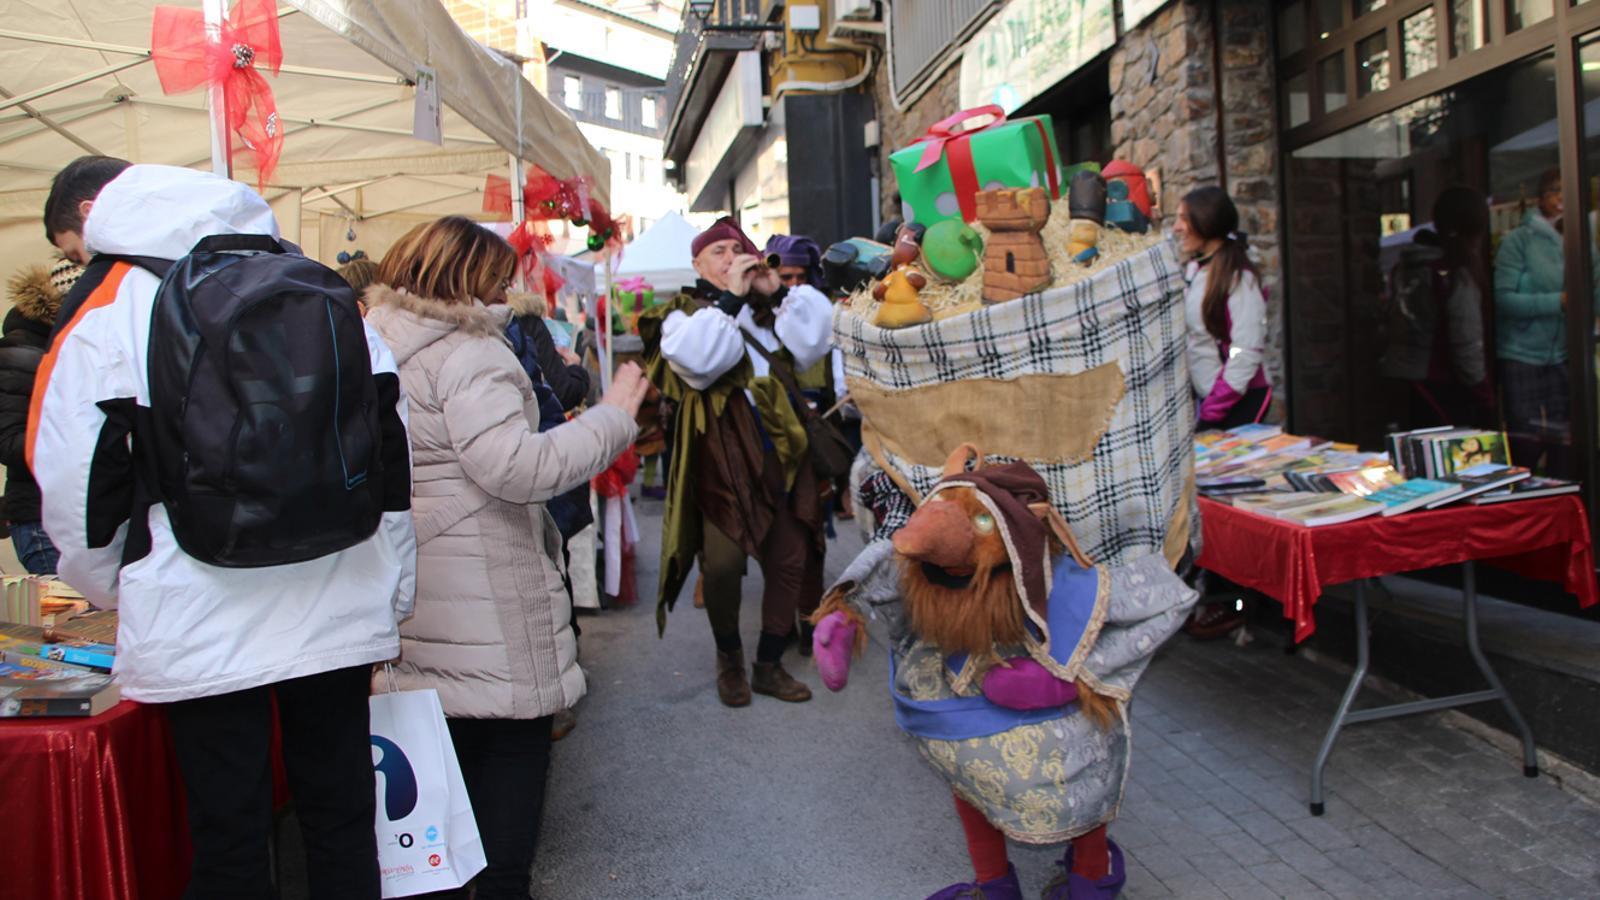 Aquest dissabte se celebra el Mercat de Nadal d'Encamp, amb parades i animació al carrer. / E. J. M. (ANA)